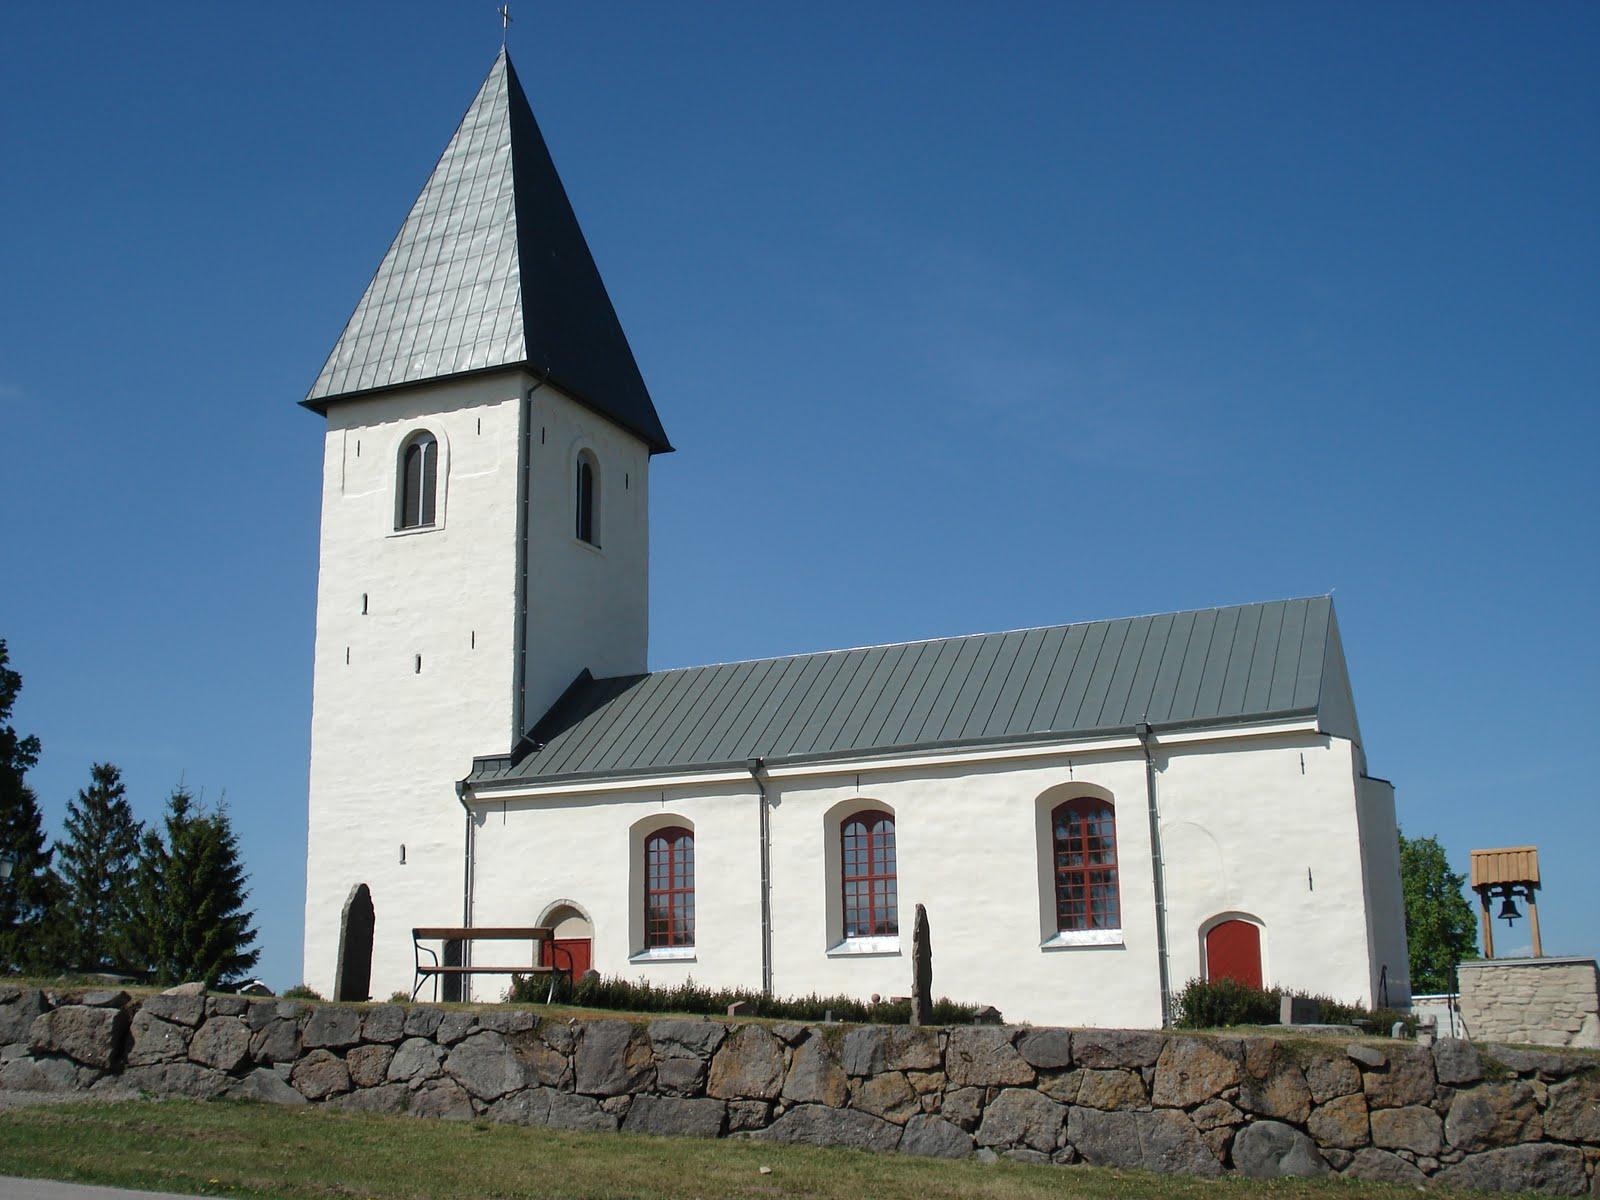 Katolska kyrkan dags for canossa